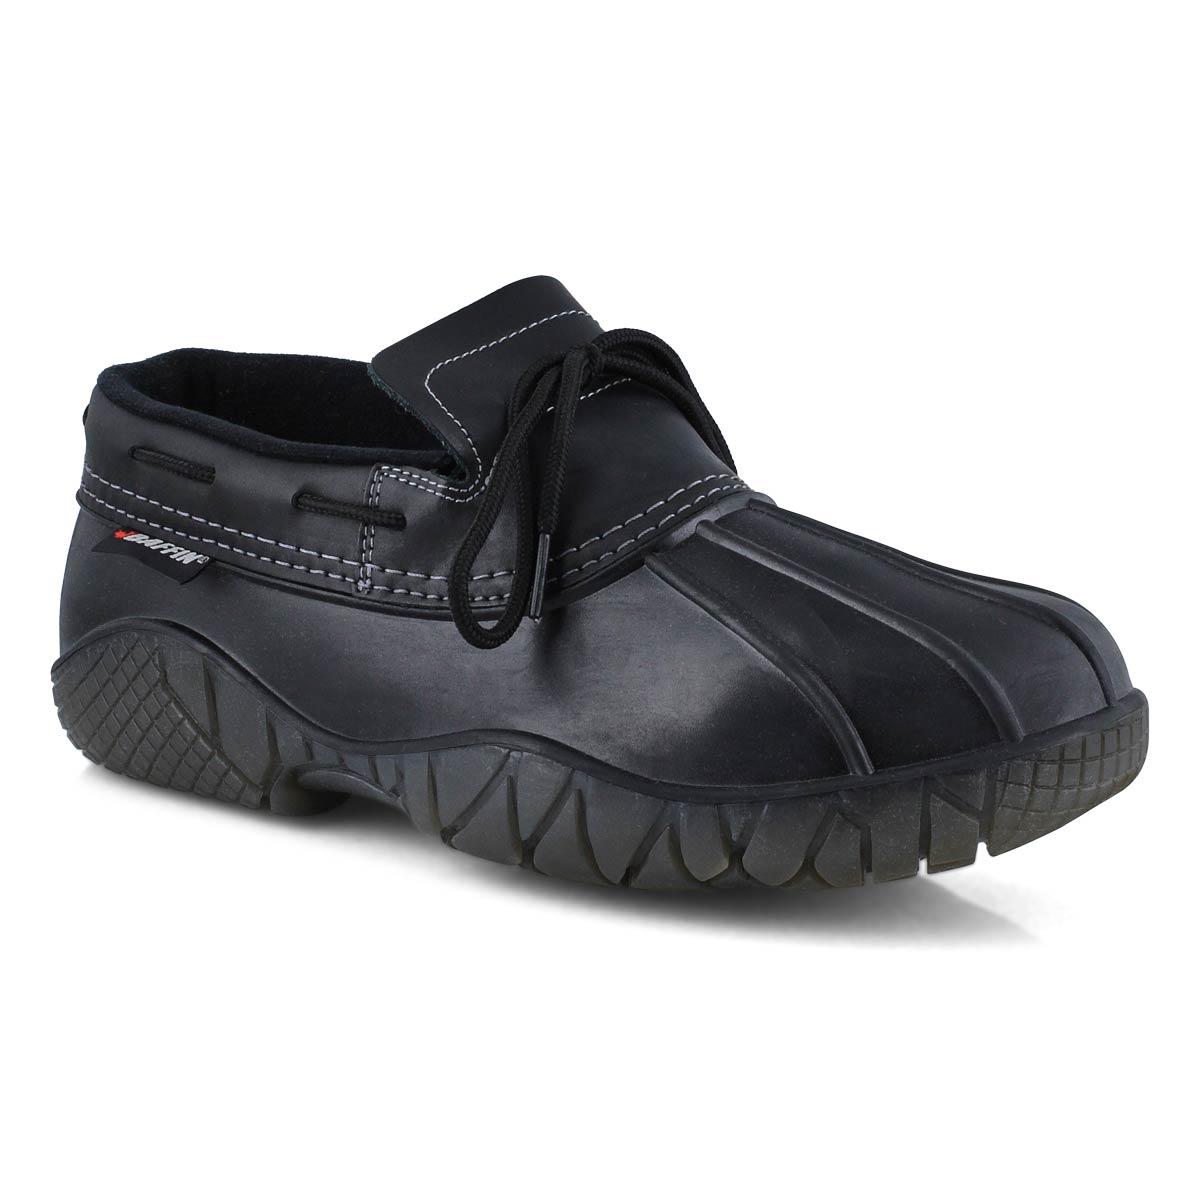 Men's ONTARIO black waterproof duckies